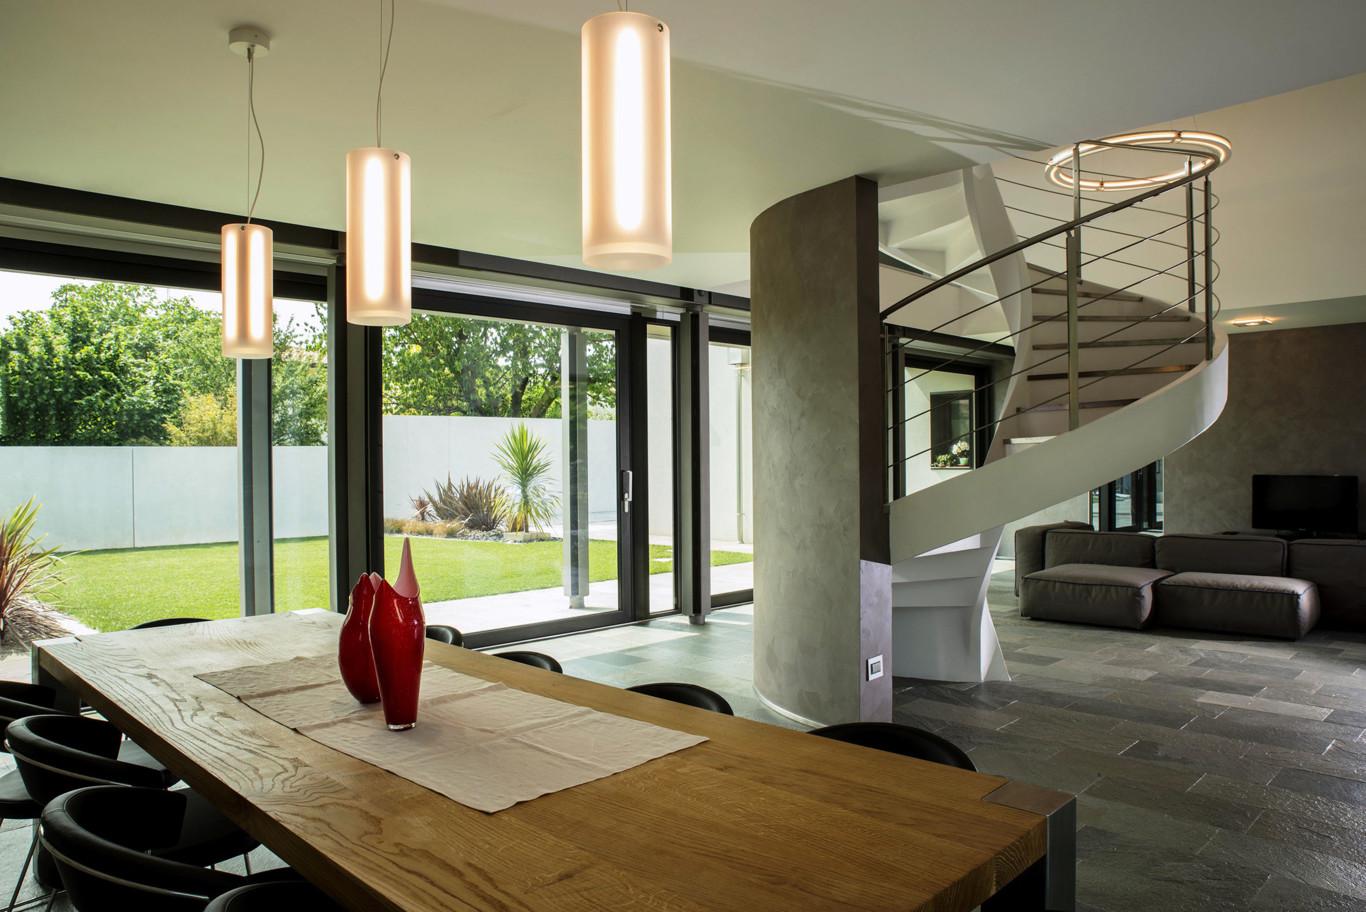 Portal de dise o y decoraci n continuidad entre interior for Diseno de casas interior y exterior